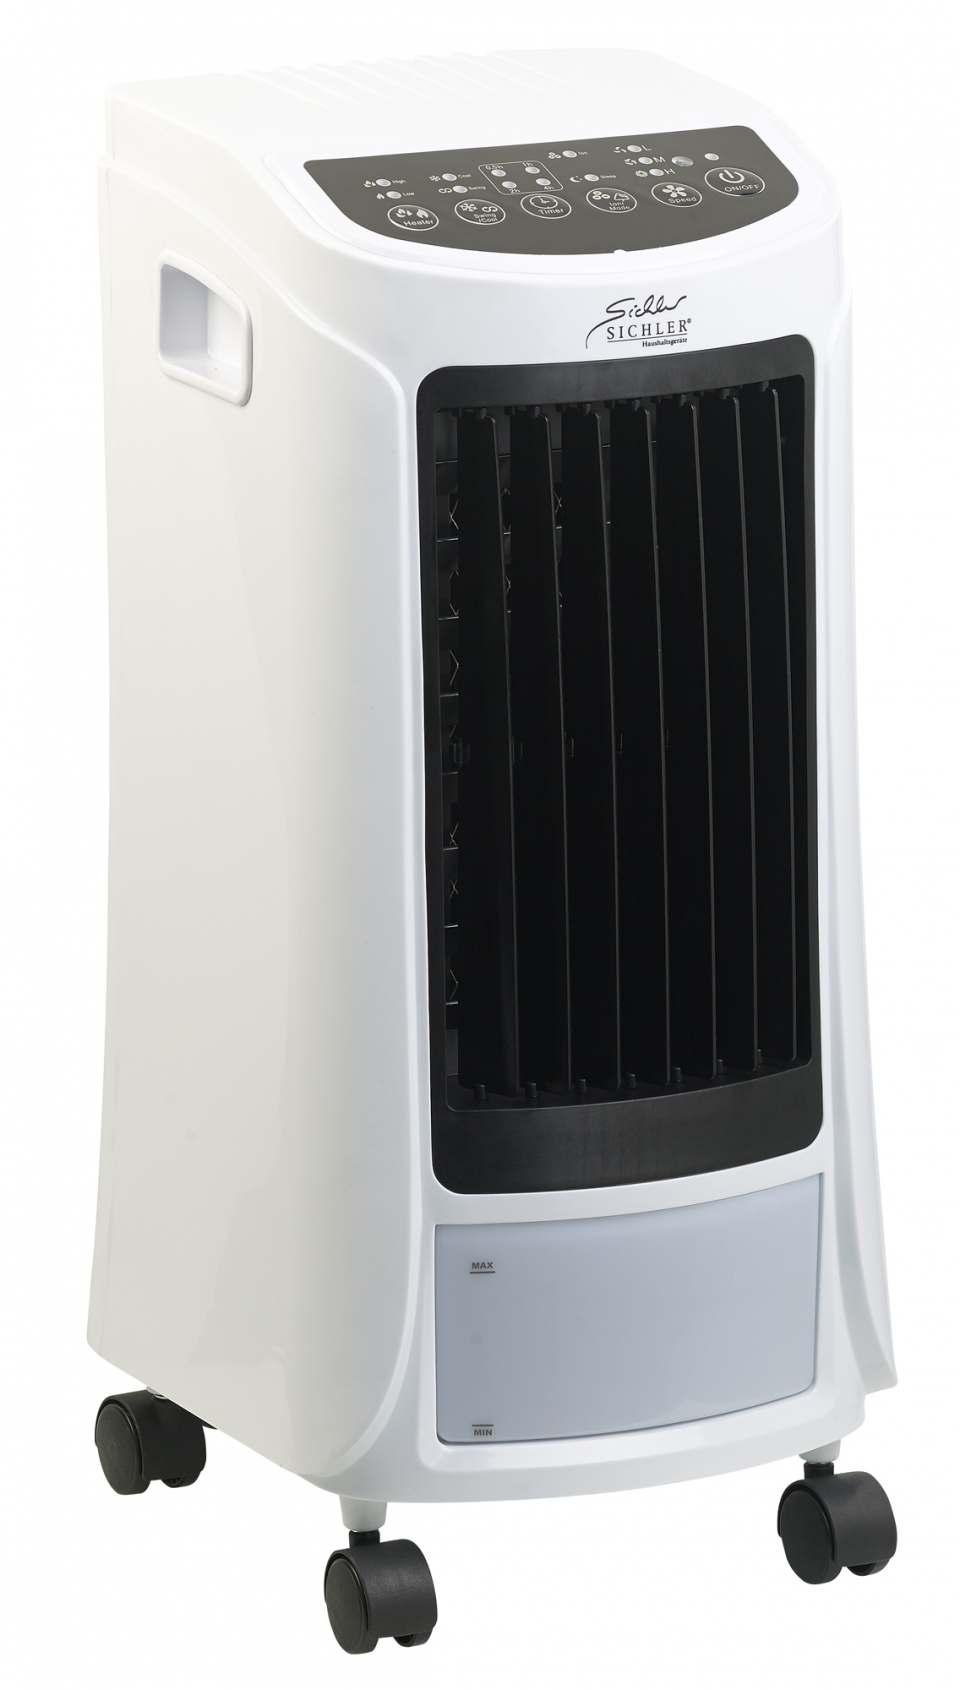 Sichler Klimagerät LW 580 mit Ventilator, Luftkühler, Wärmespender und Ionisation.